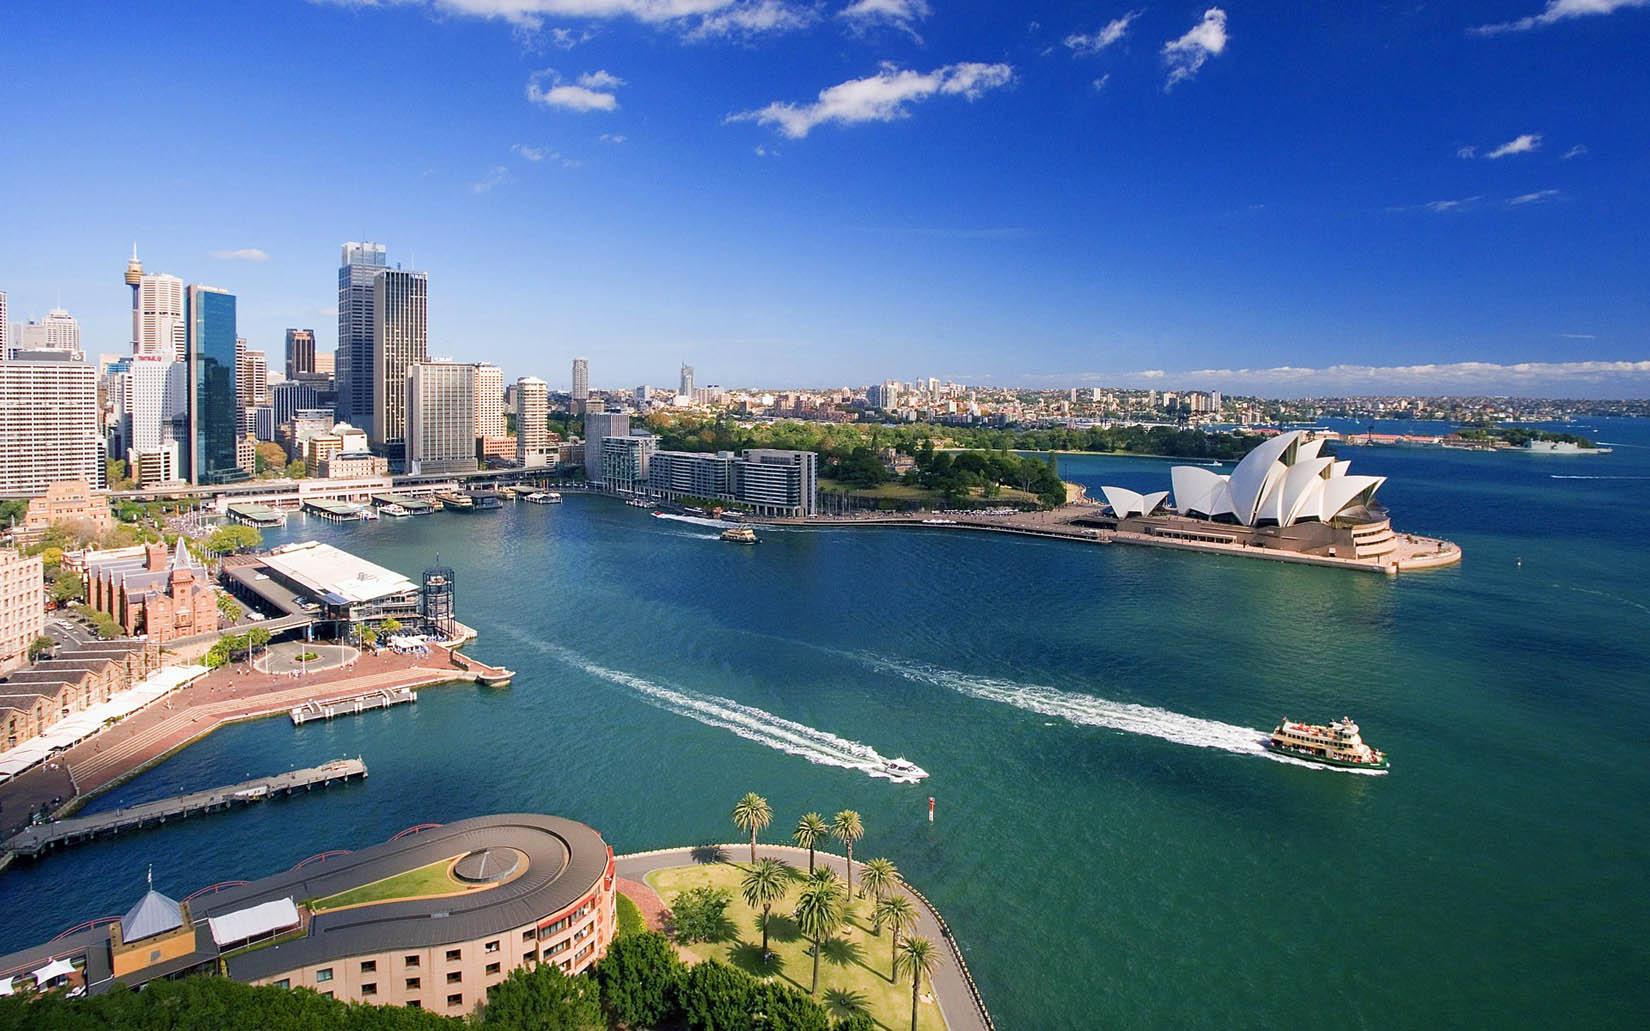 澳洲房产资讯_澳洲投资如何购置CBD公寓_澳大利亚_资讯详